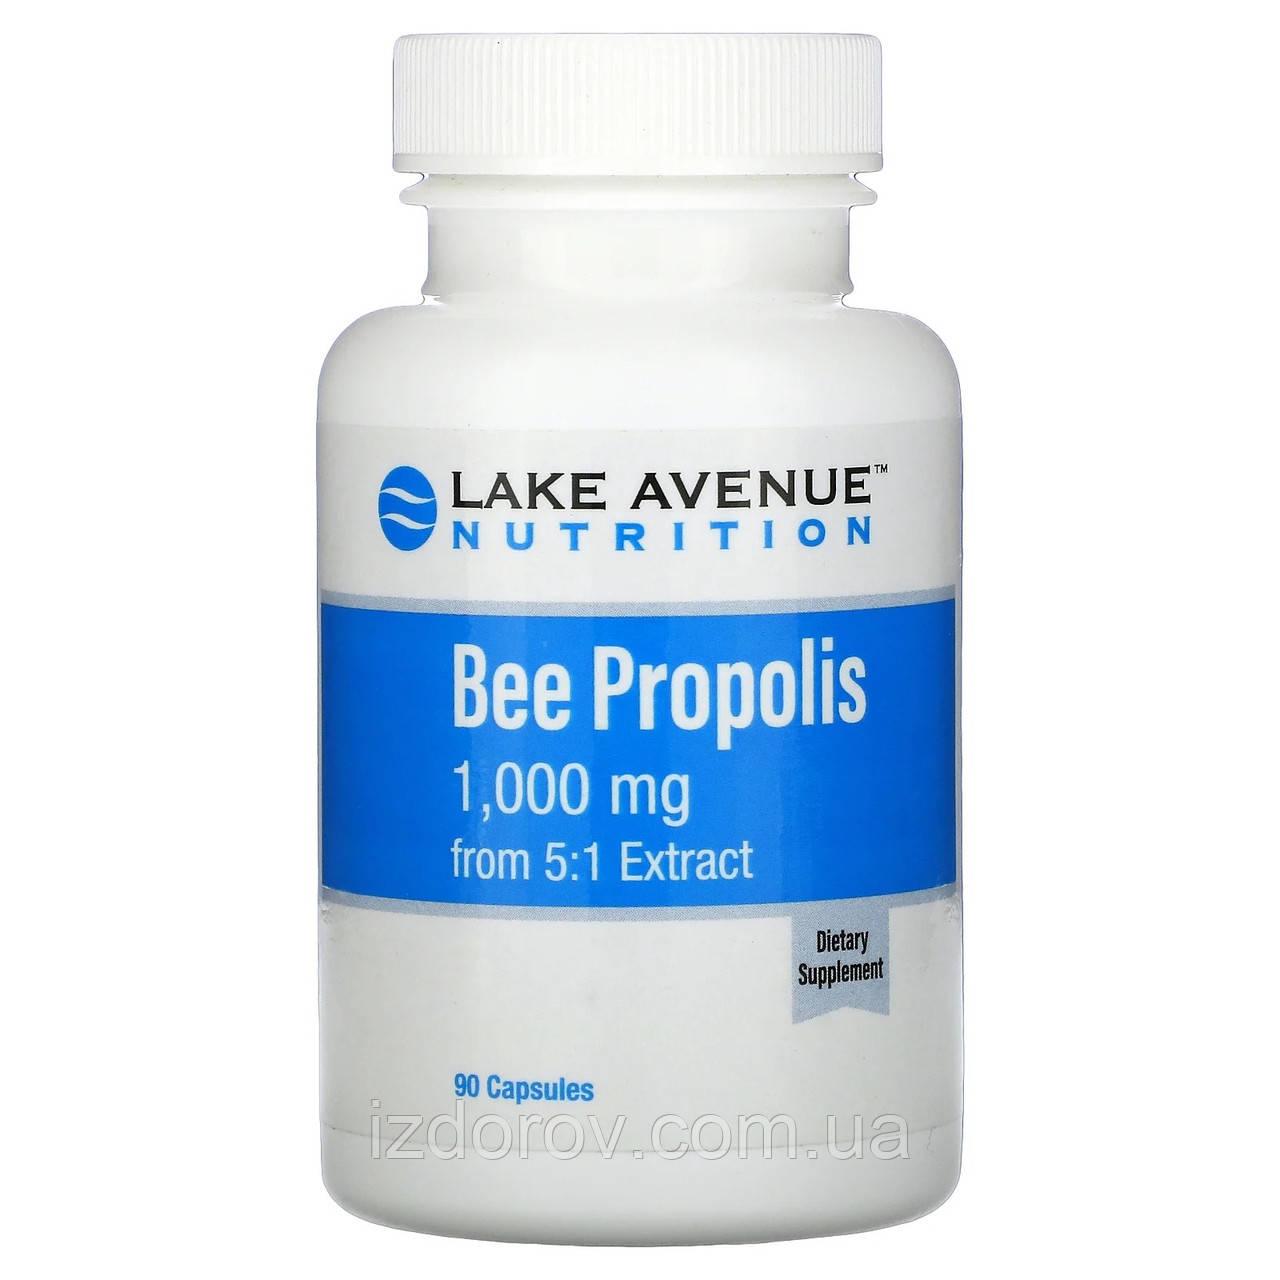 Lake Avenue Nutrition, бджолиний прополіс, екстракт 5:1, еквівалент 1000 мг, 90 рослинних капсул